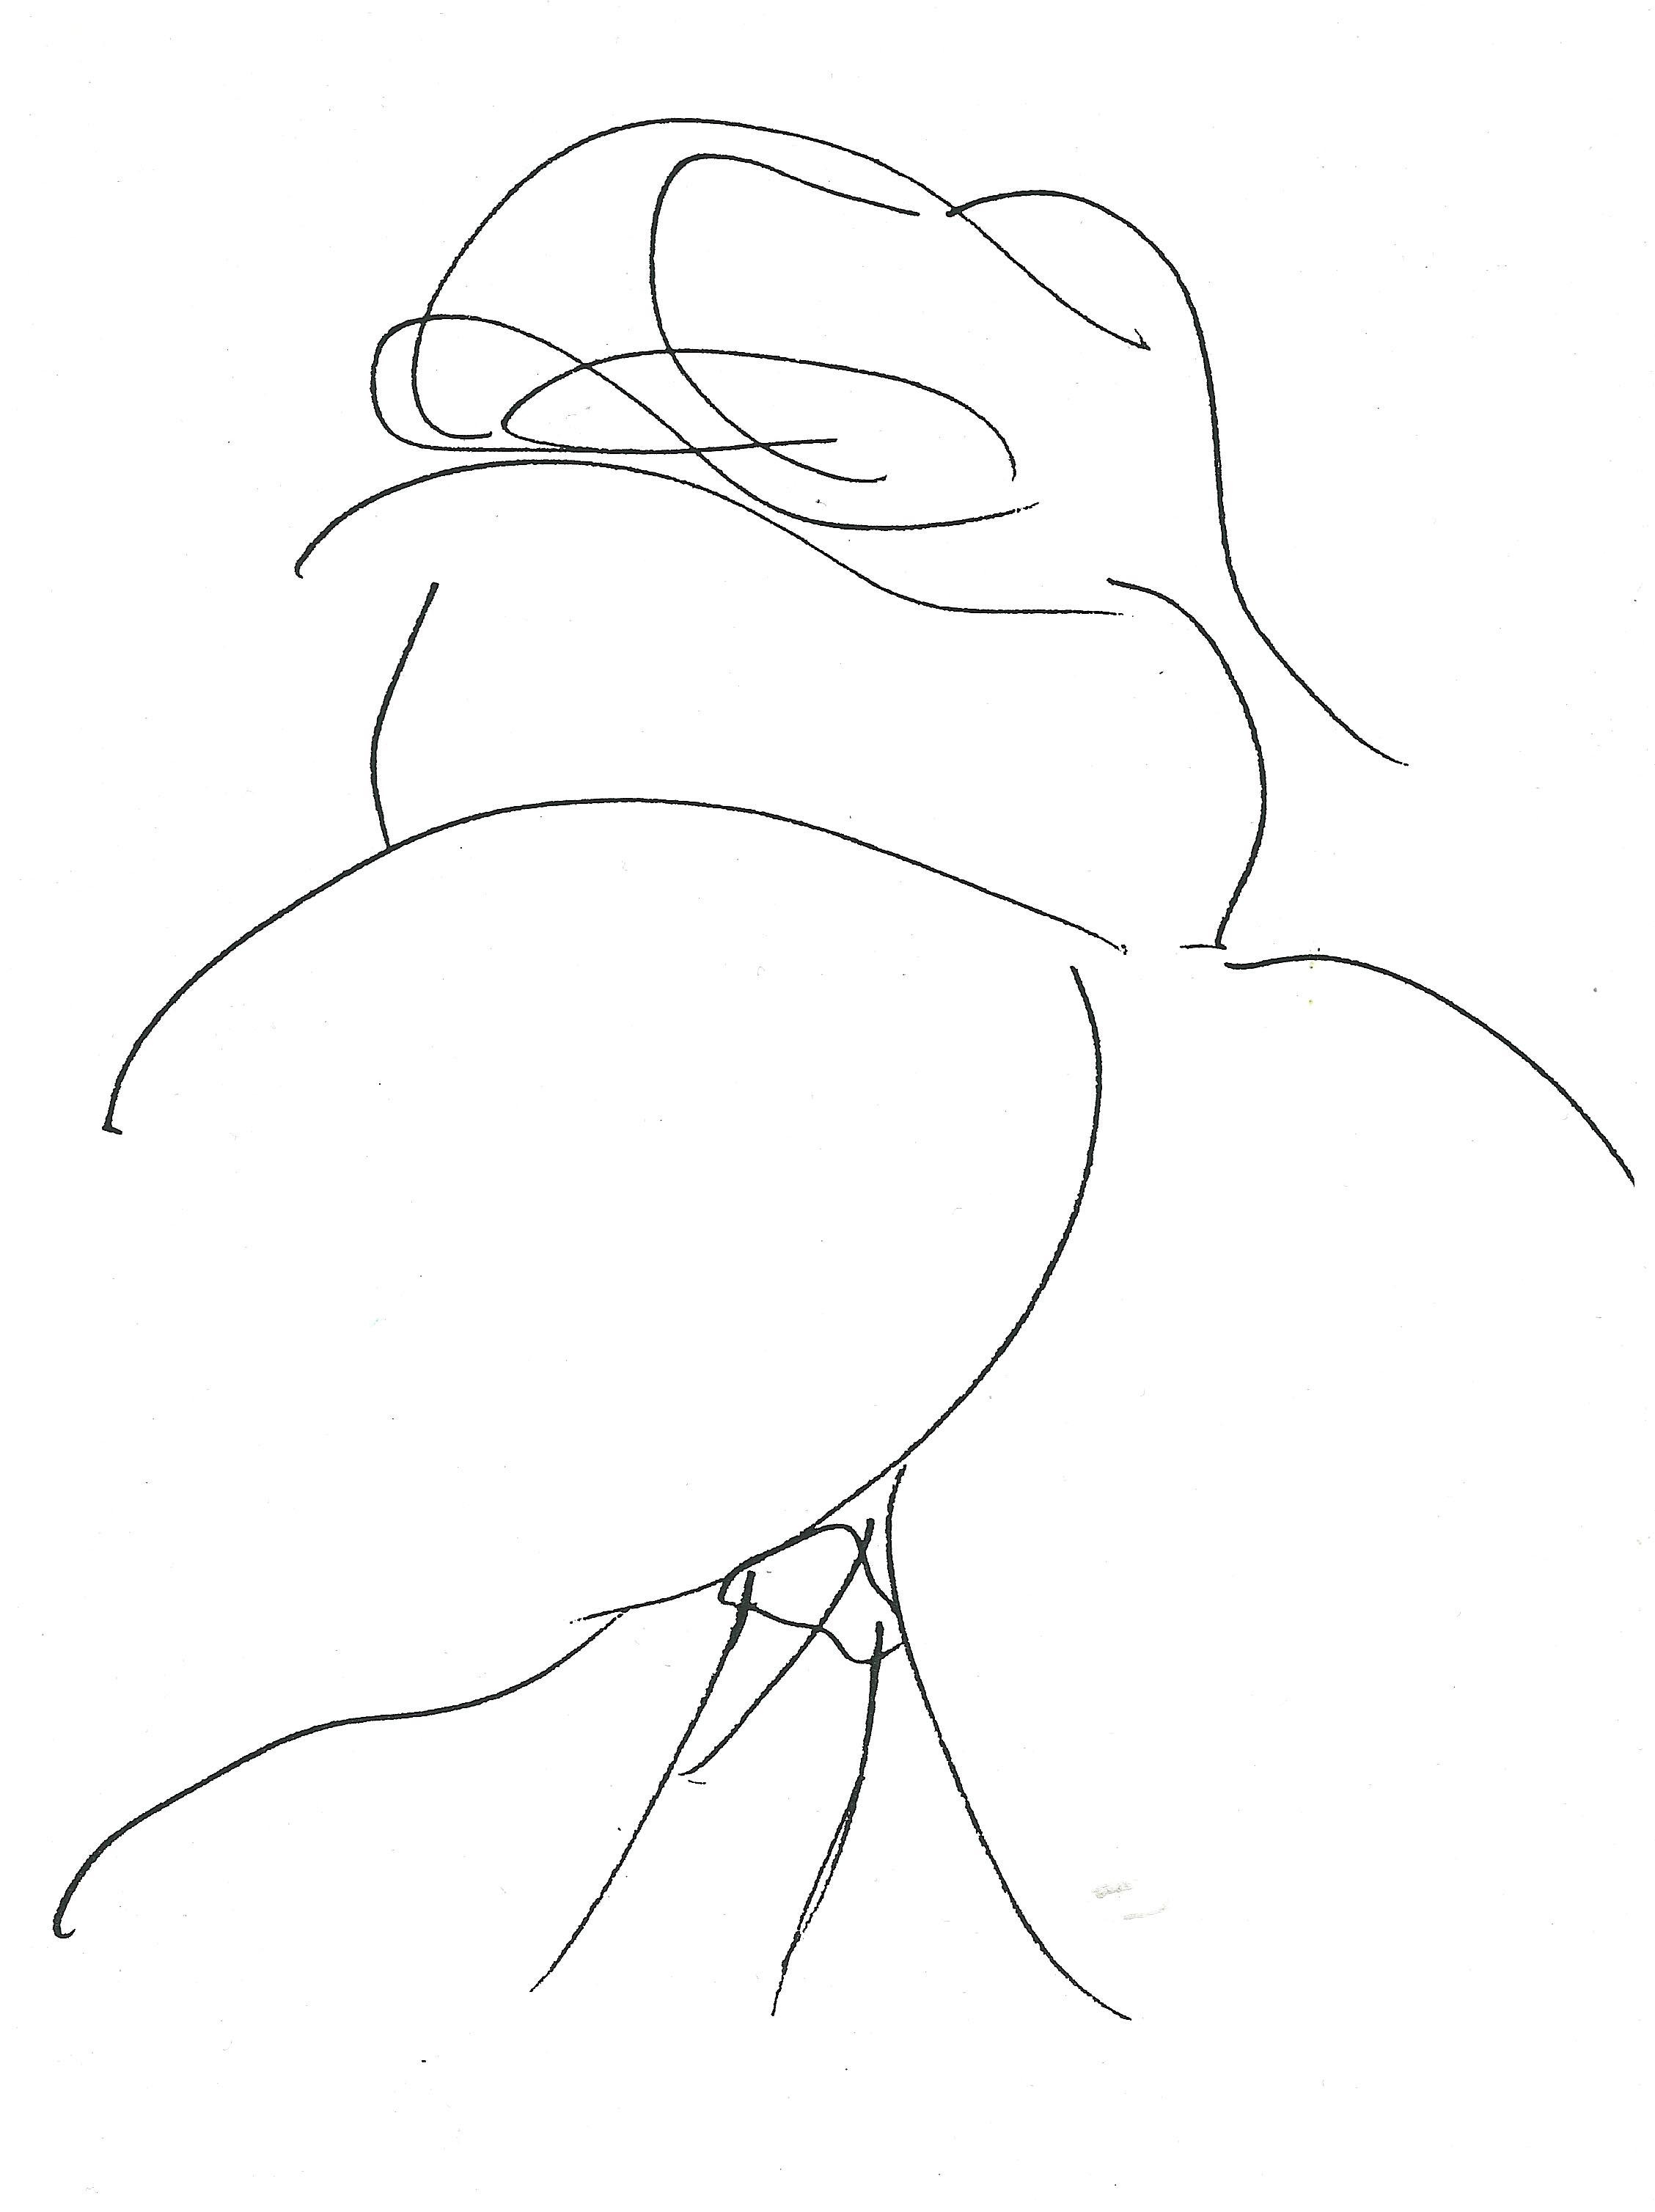 03 de candia disegni erotici01